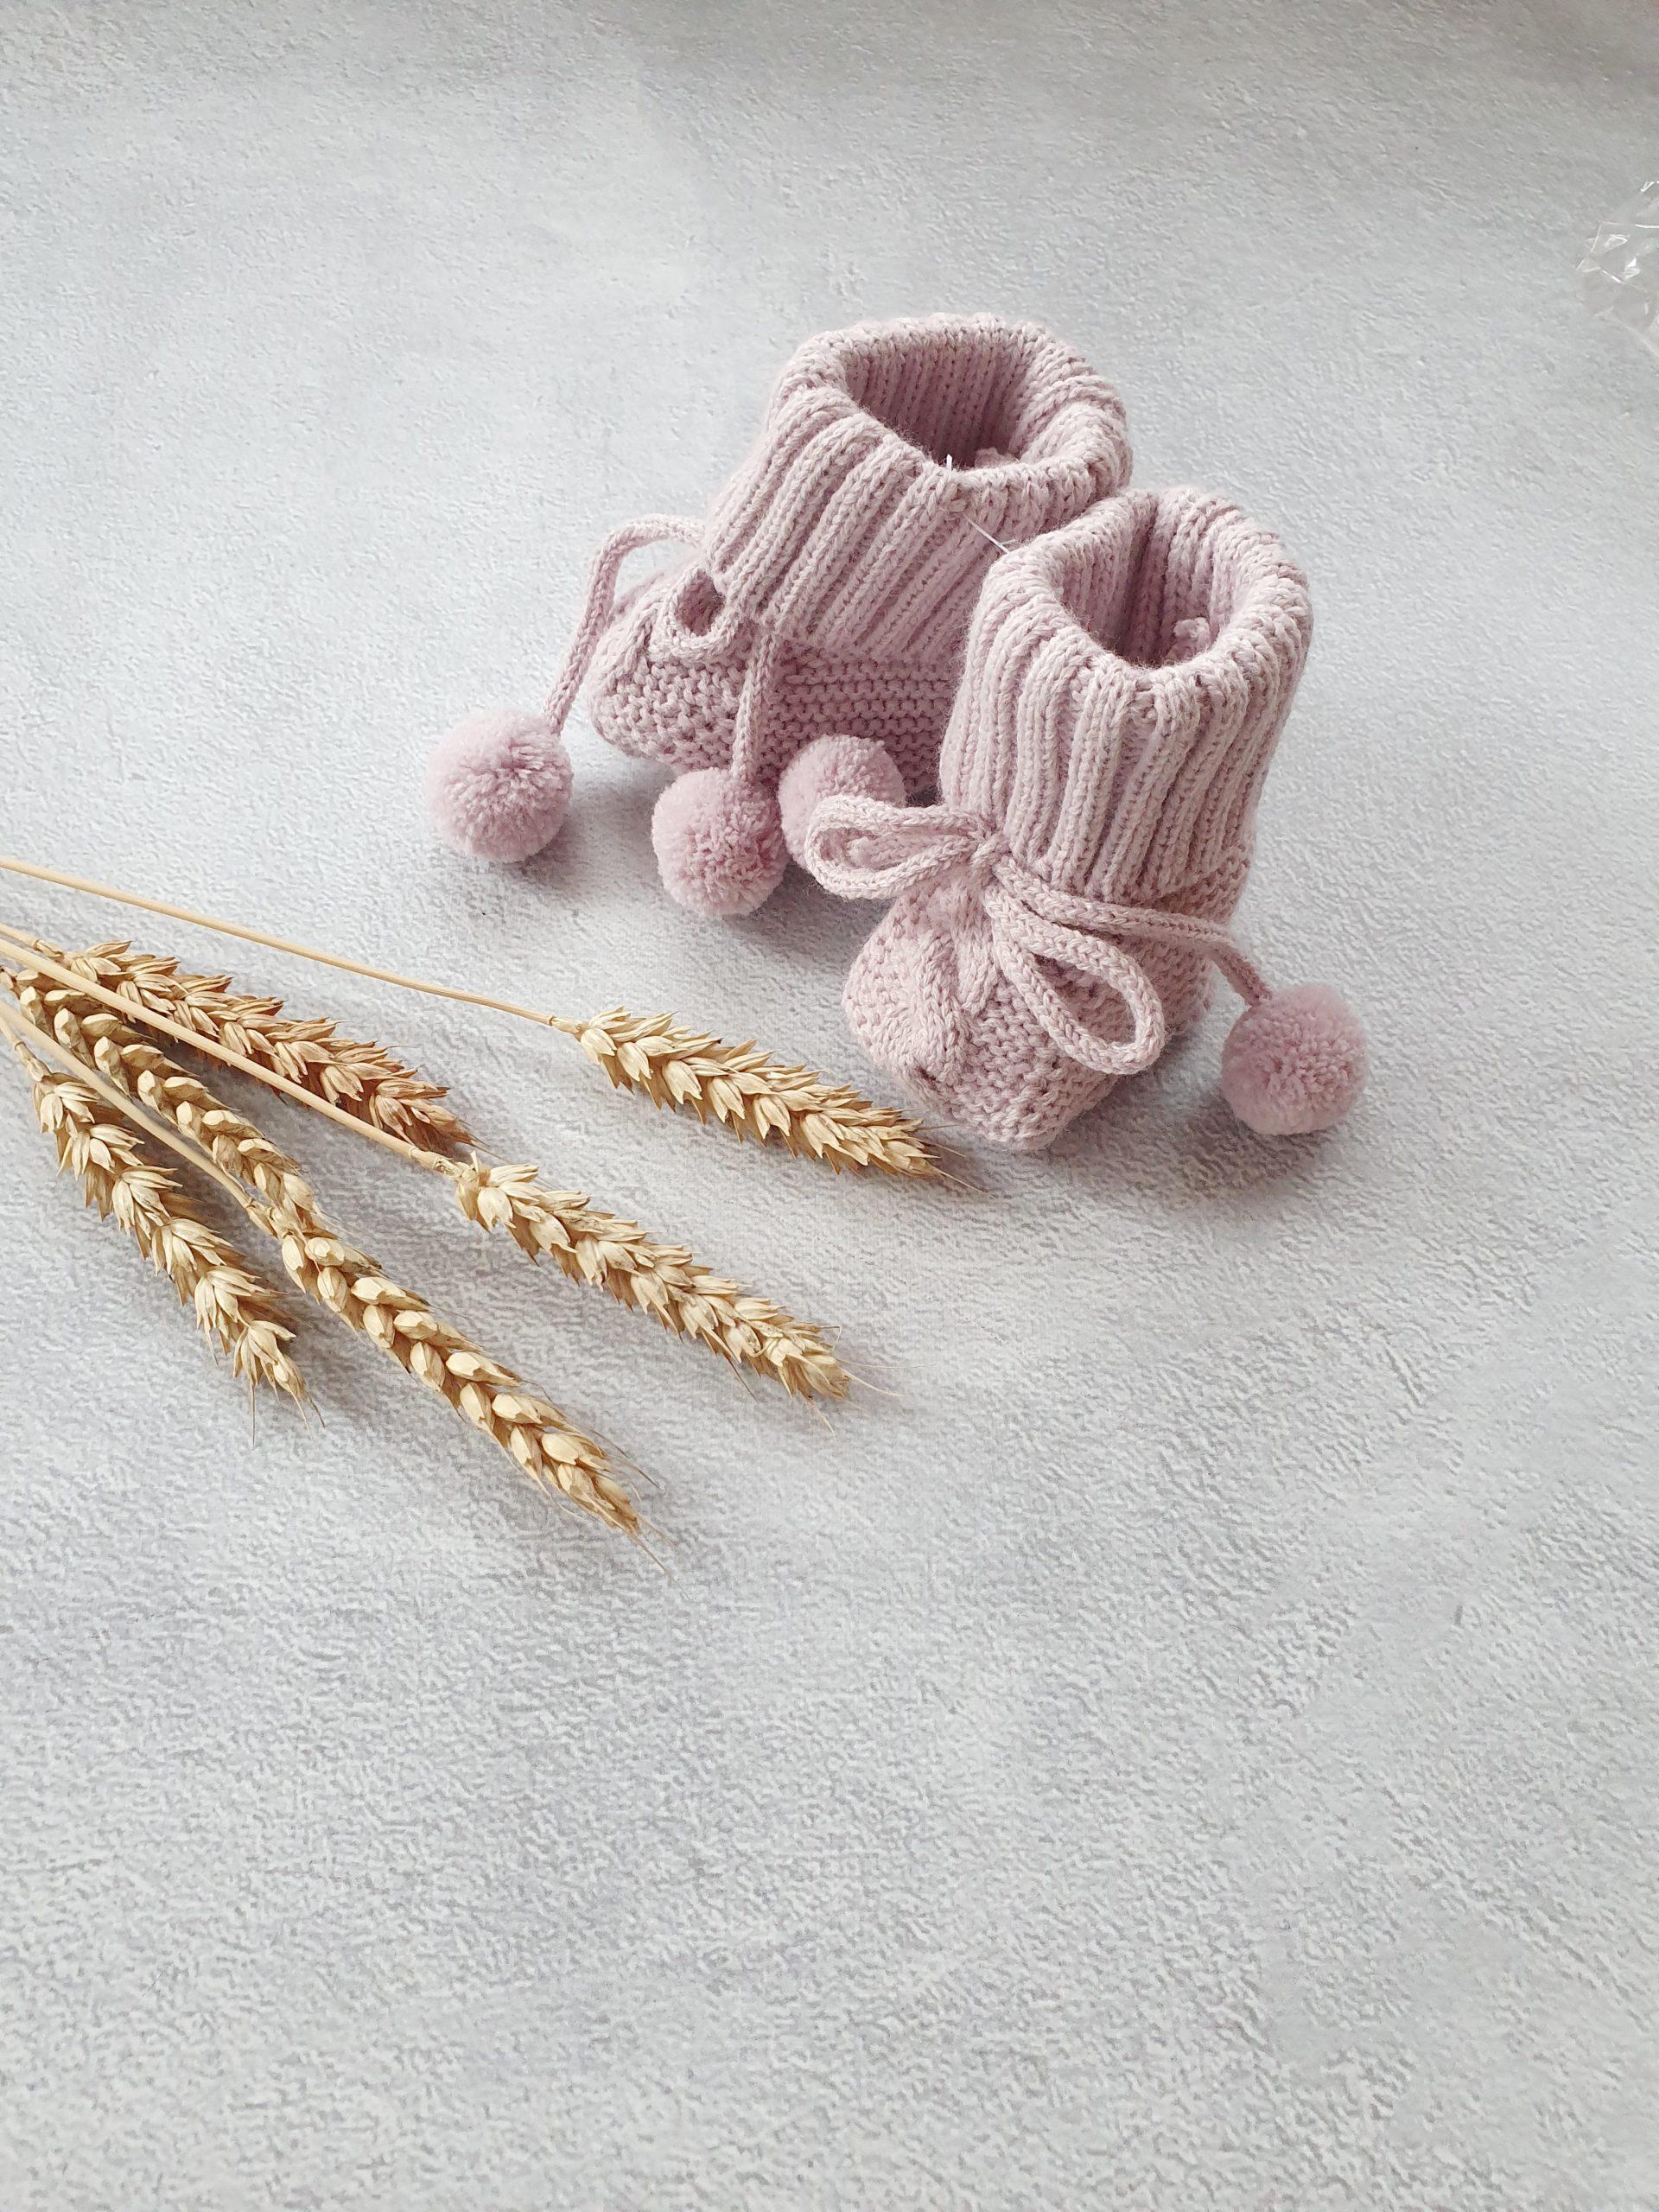 Пинетки с завязками для новорожденного (0-6 мес), лаванда